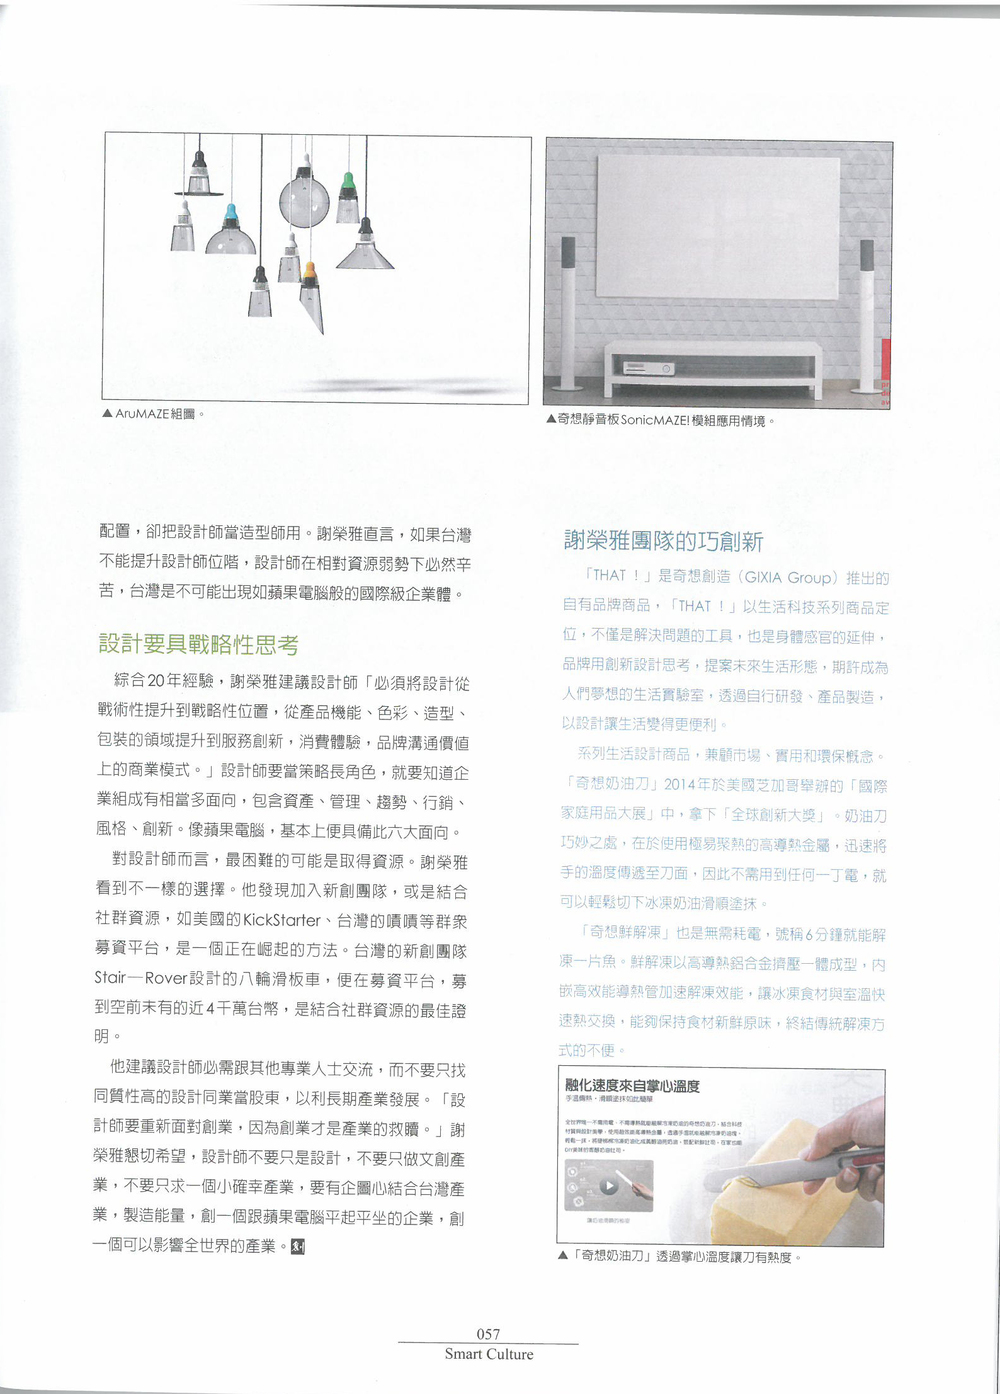 謝榮雅大戰略 設計改變台灣_兩岸文創誌SmartCulture_2015年1月號-5.jpg